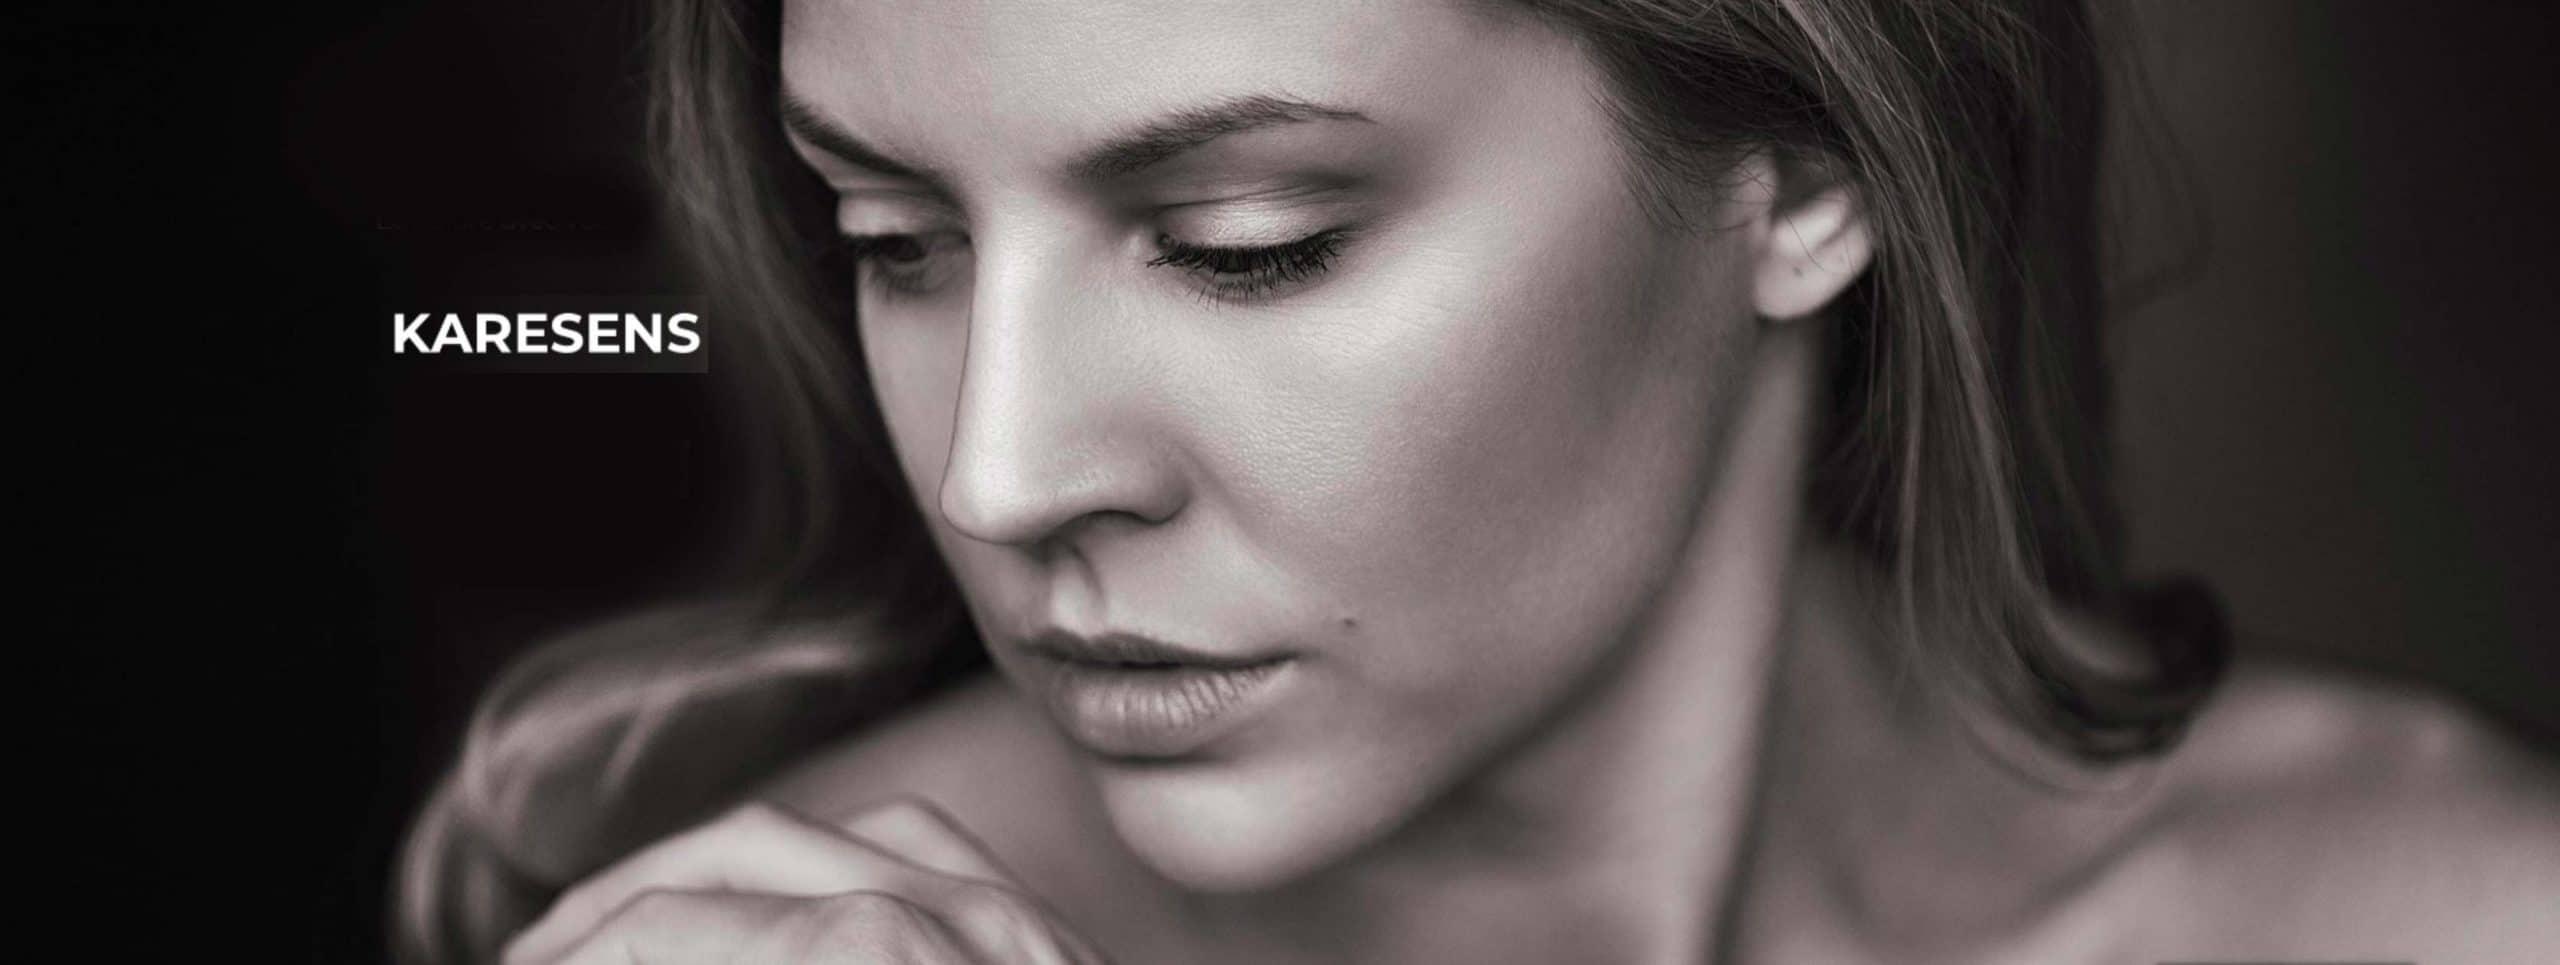 KARESENS produits de beauté, cosmétiques, produits bio, pour le corps, les yeux, le visage